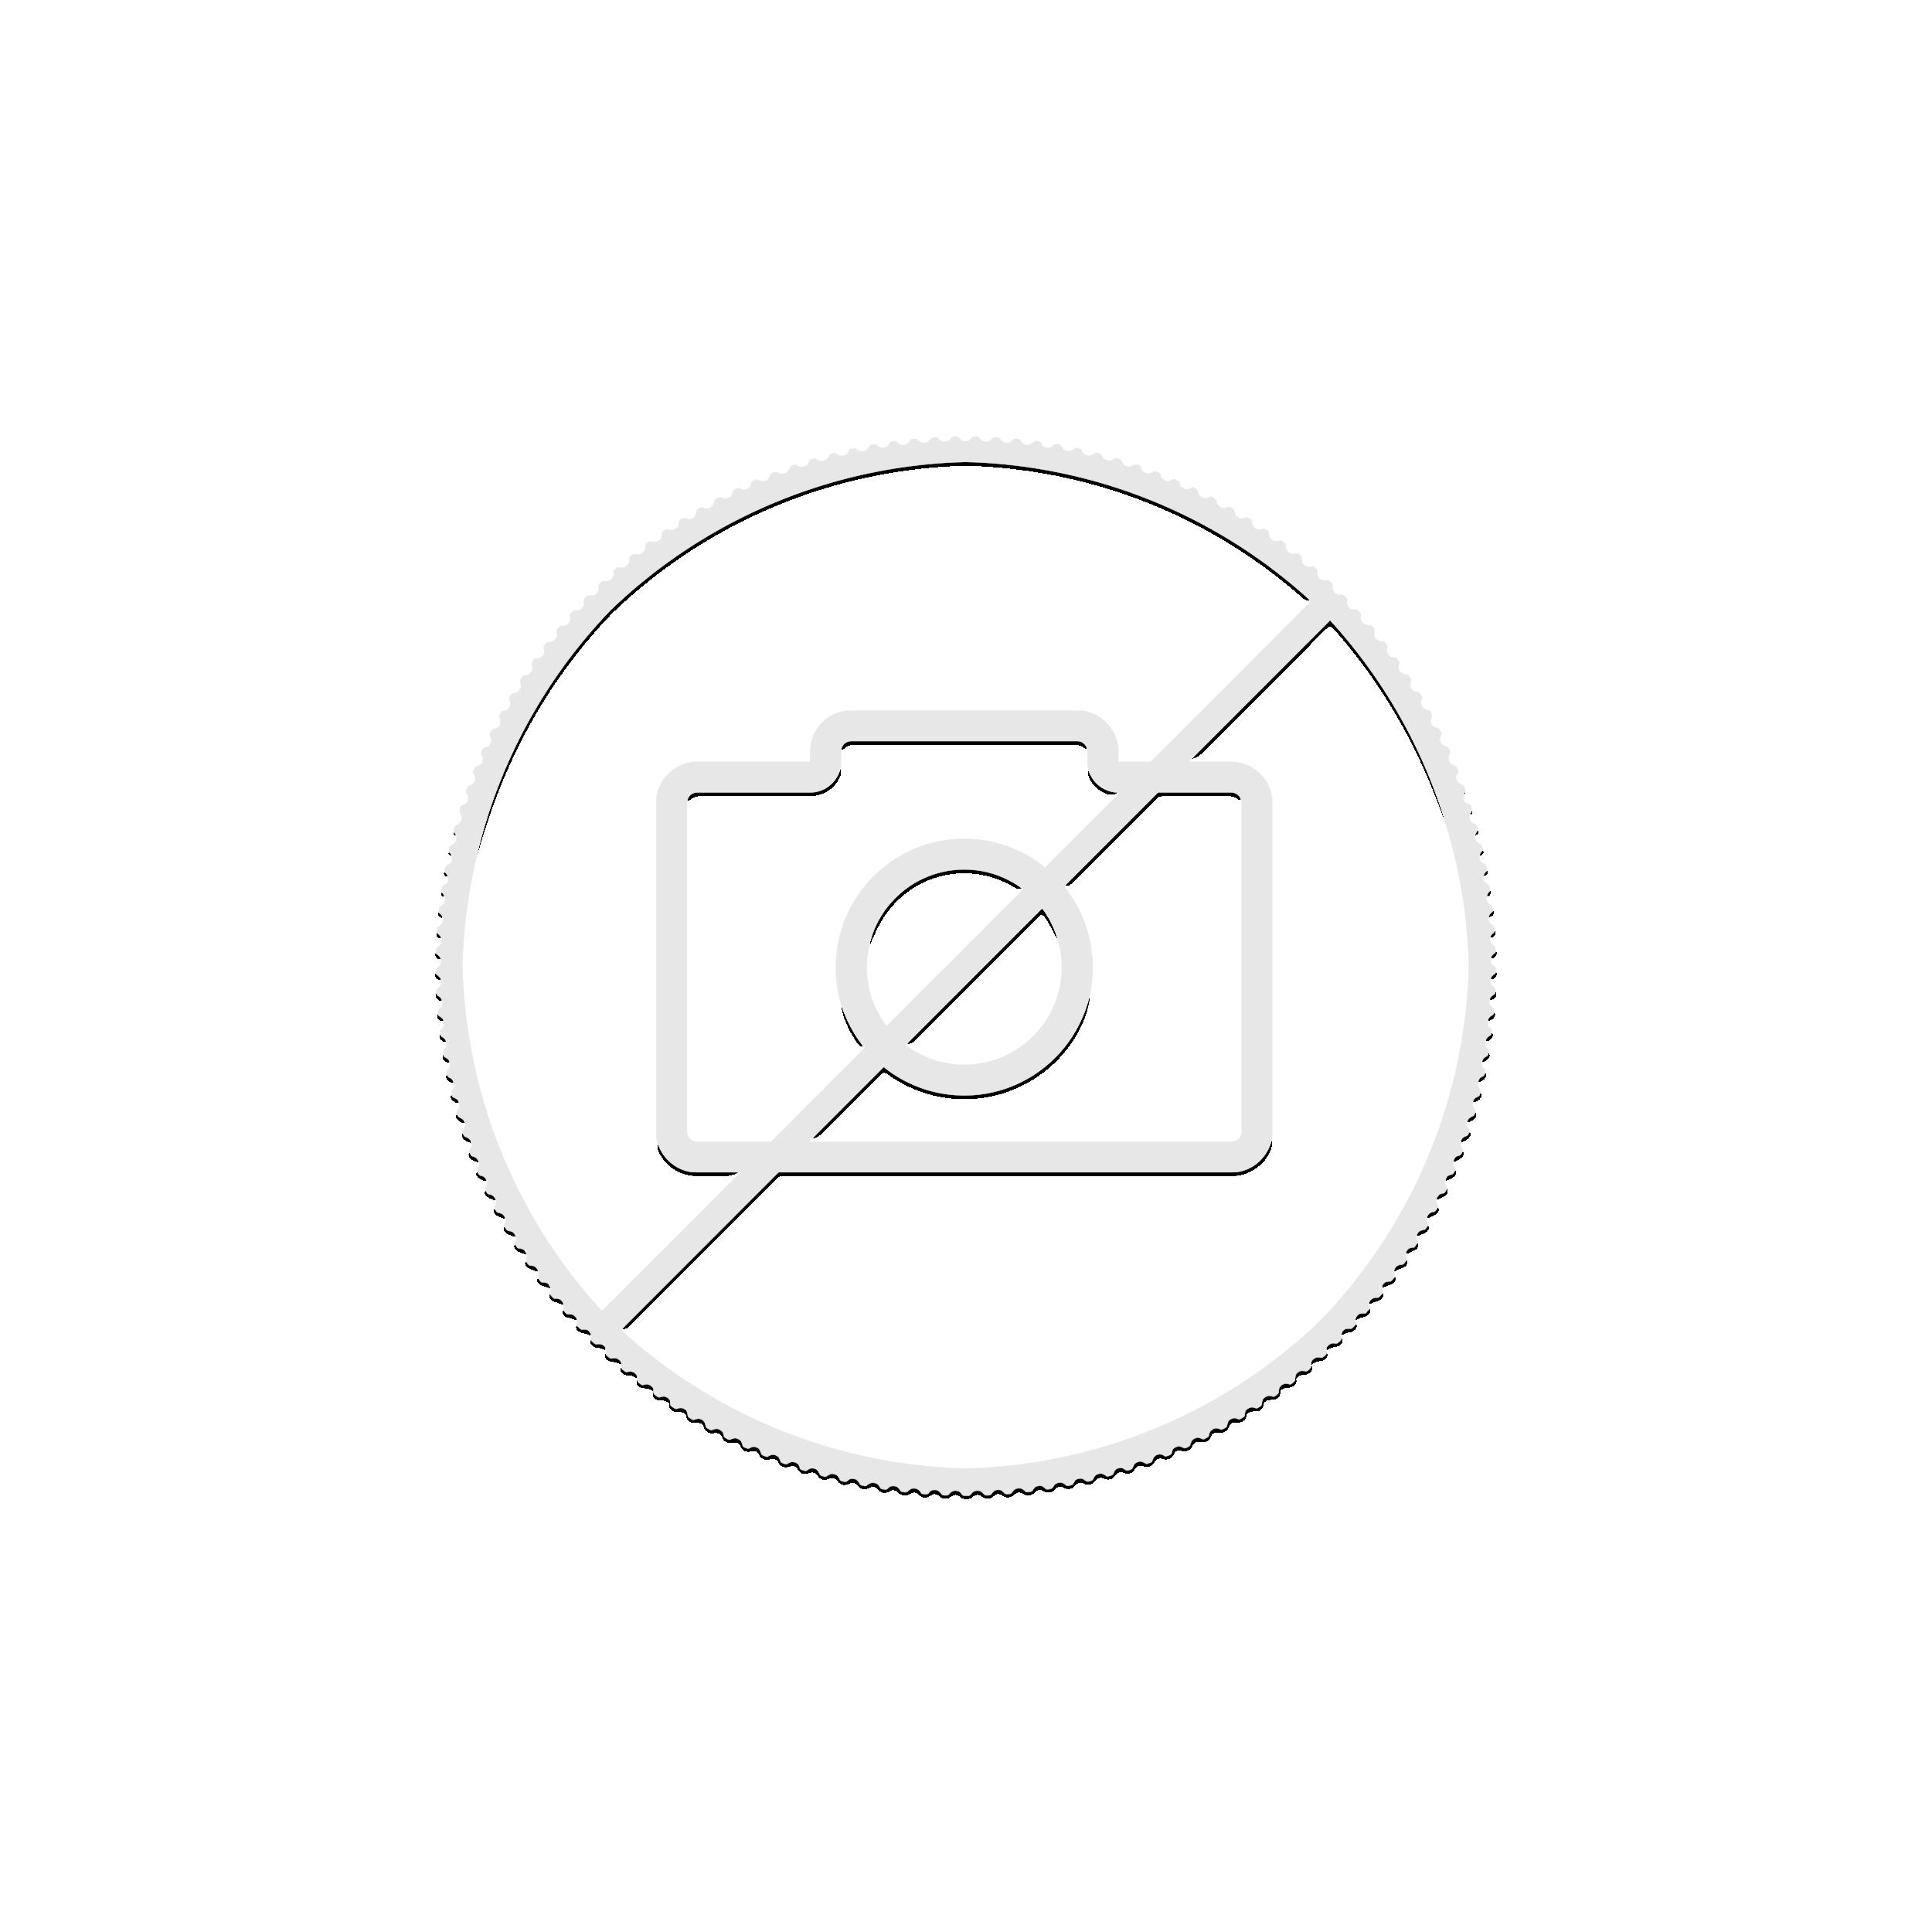 30 Grams gold coin Panda 2019